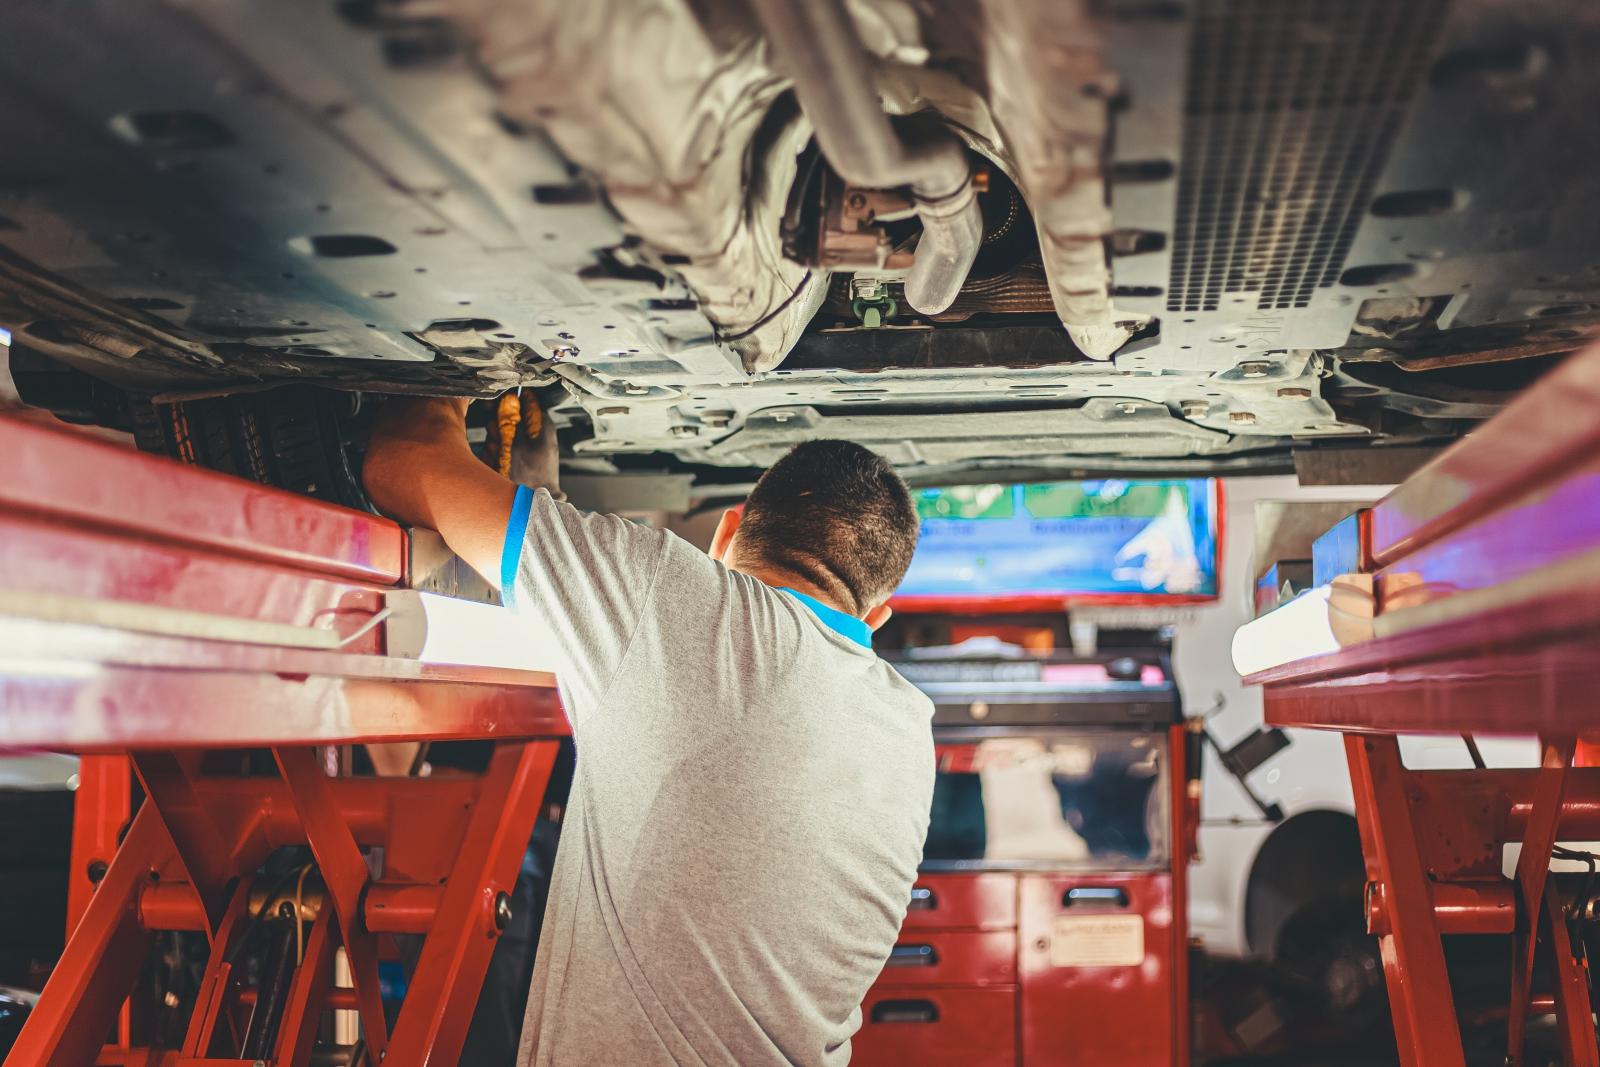 【汽車專知】汽車底盤是什麼?我們看的到底盤嗎?